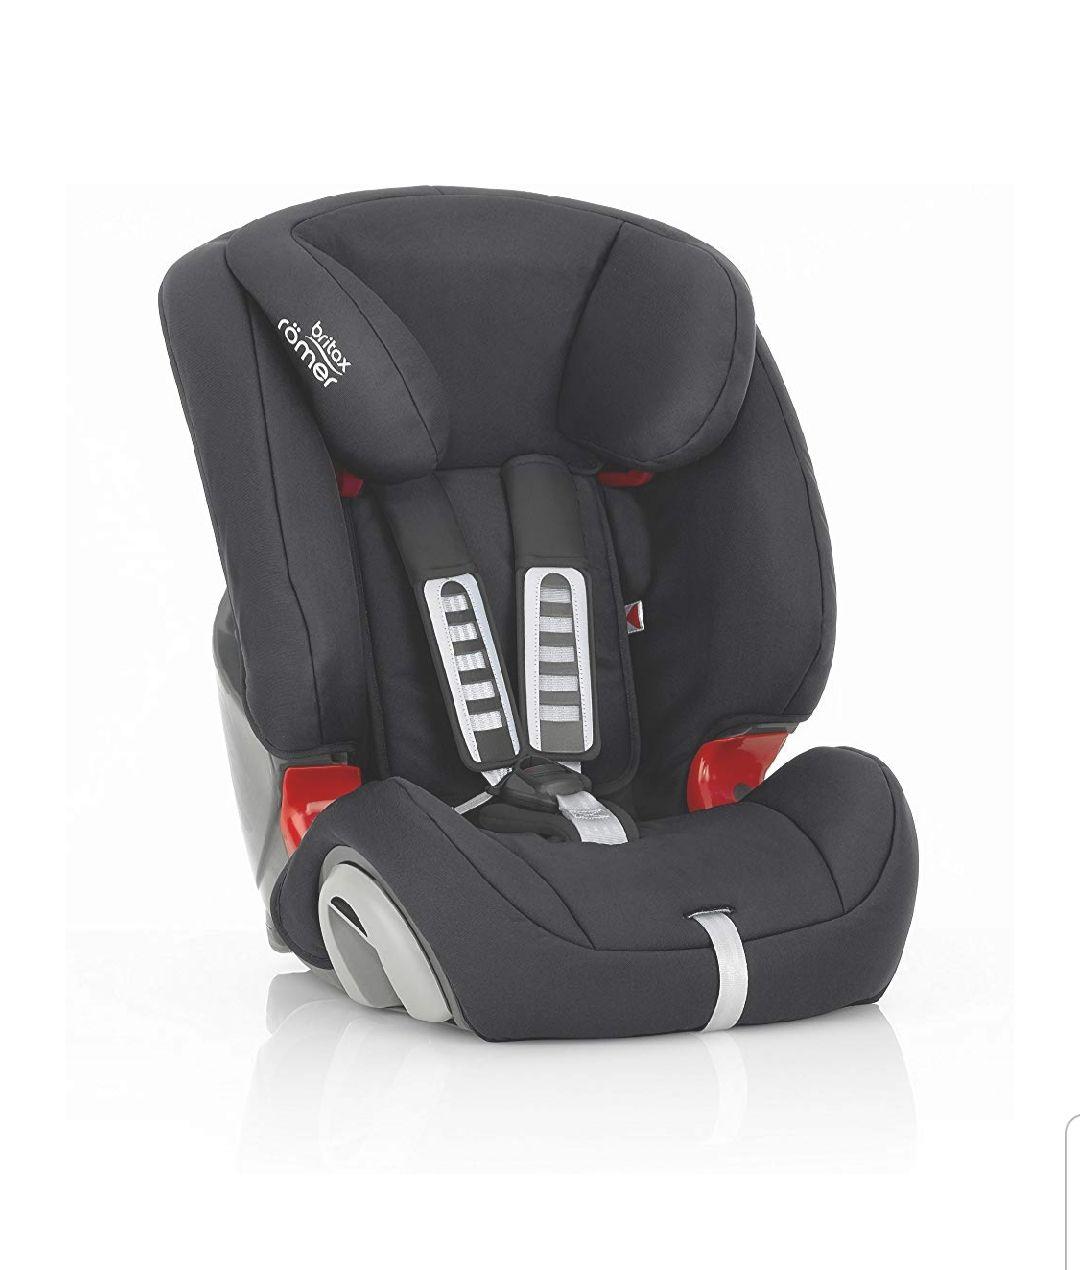 Britax romer evolva 123 car seat £49.99 Lidl